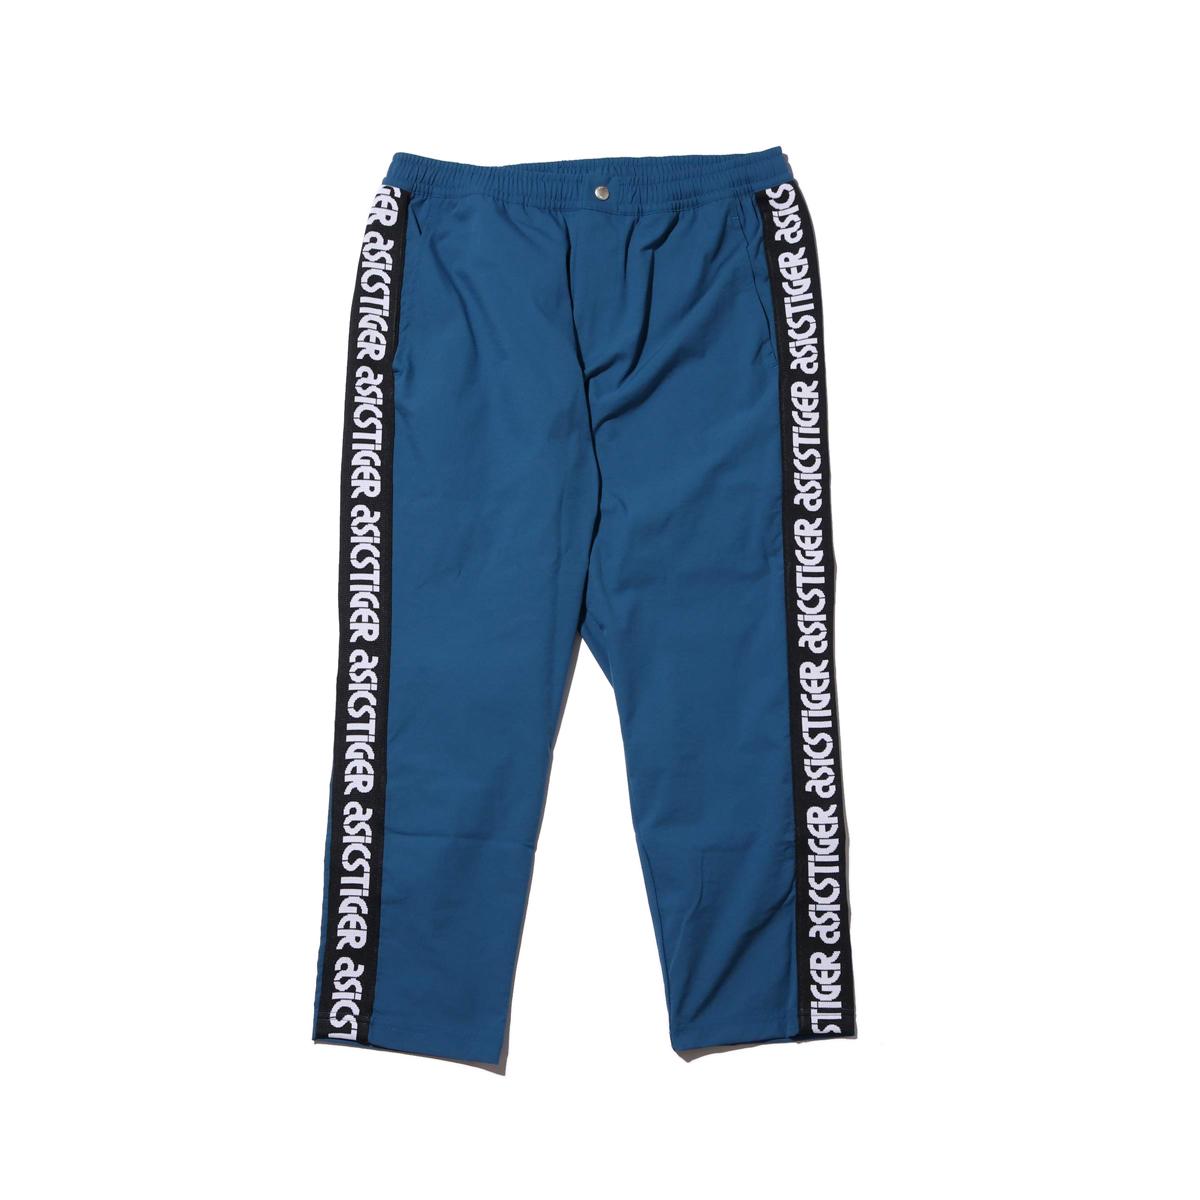 ASICSTIGER LT ST Woven CP Pants(アシックスタイガー LT LS ウーブン CP パンツ)LIGHT INDIGO【メンズ レディース パンツ】18FW-I